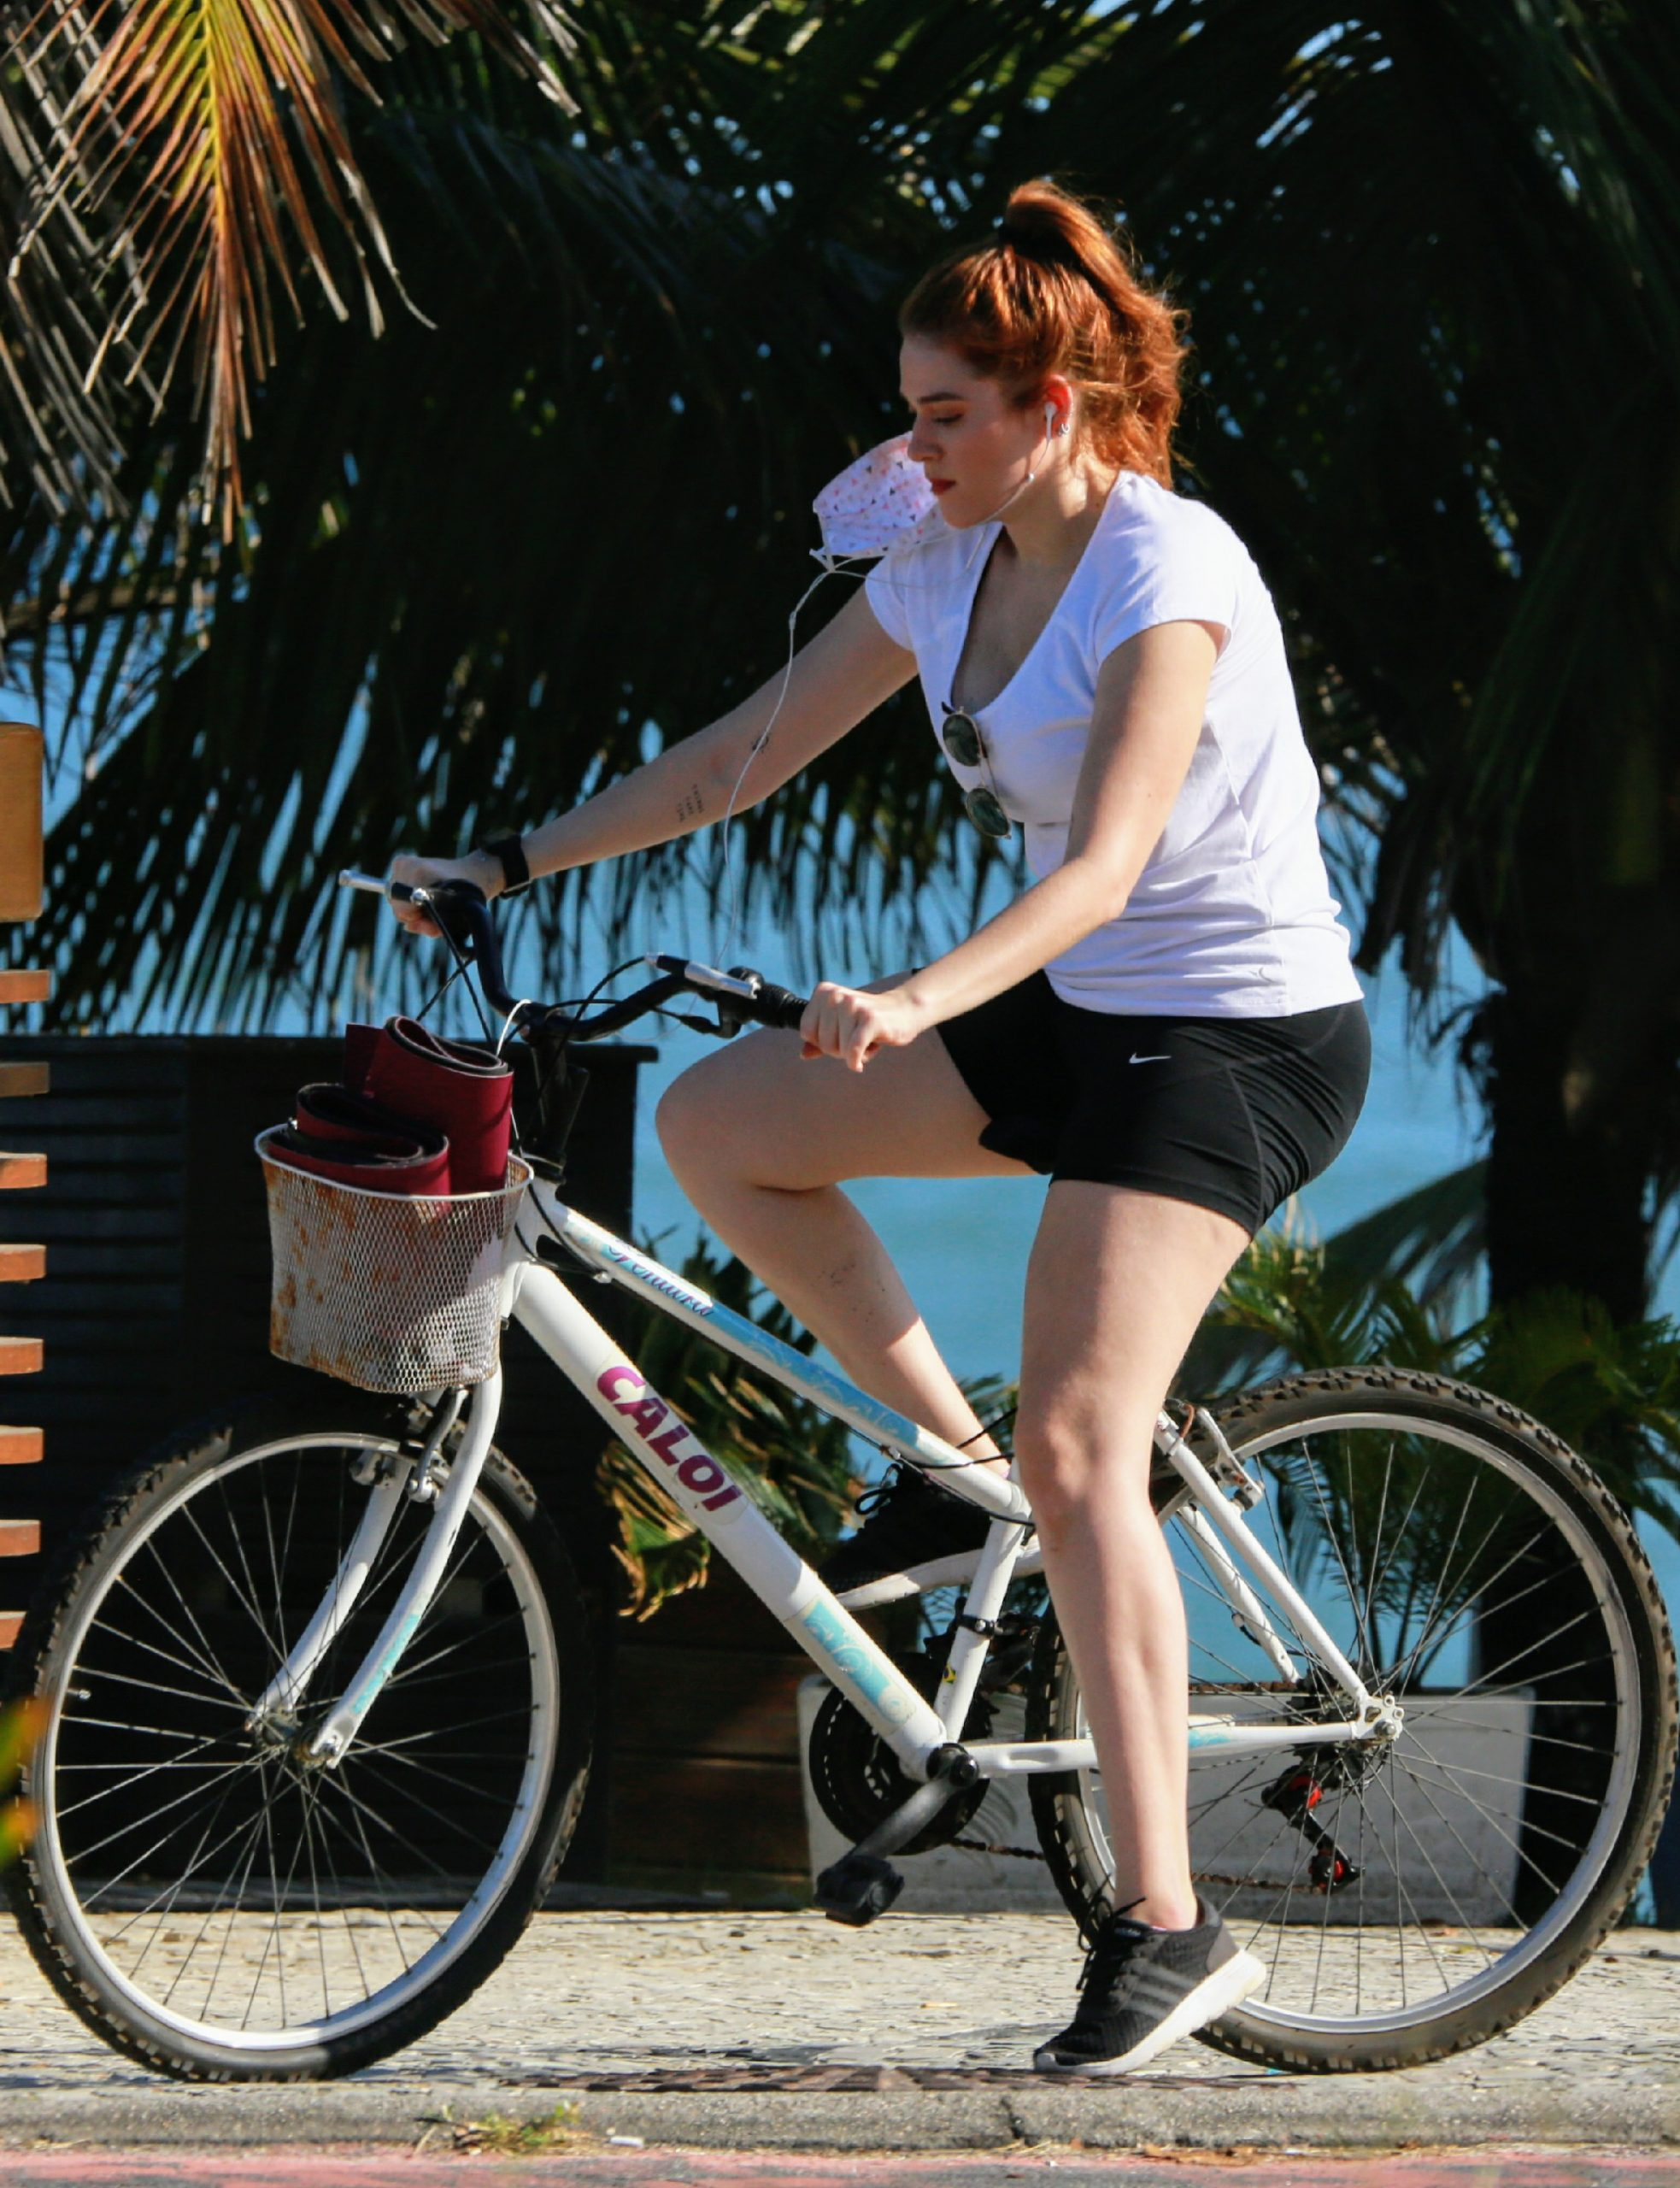 Fugidinha! Ana Clara pedala no Rio e burla quarentena